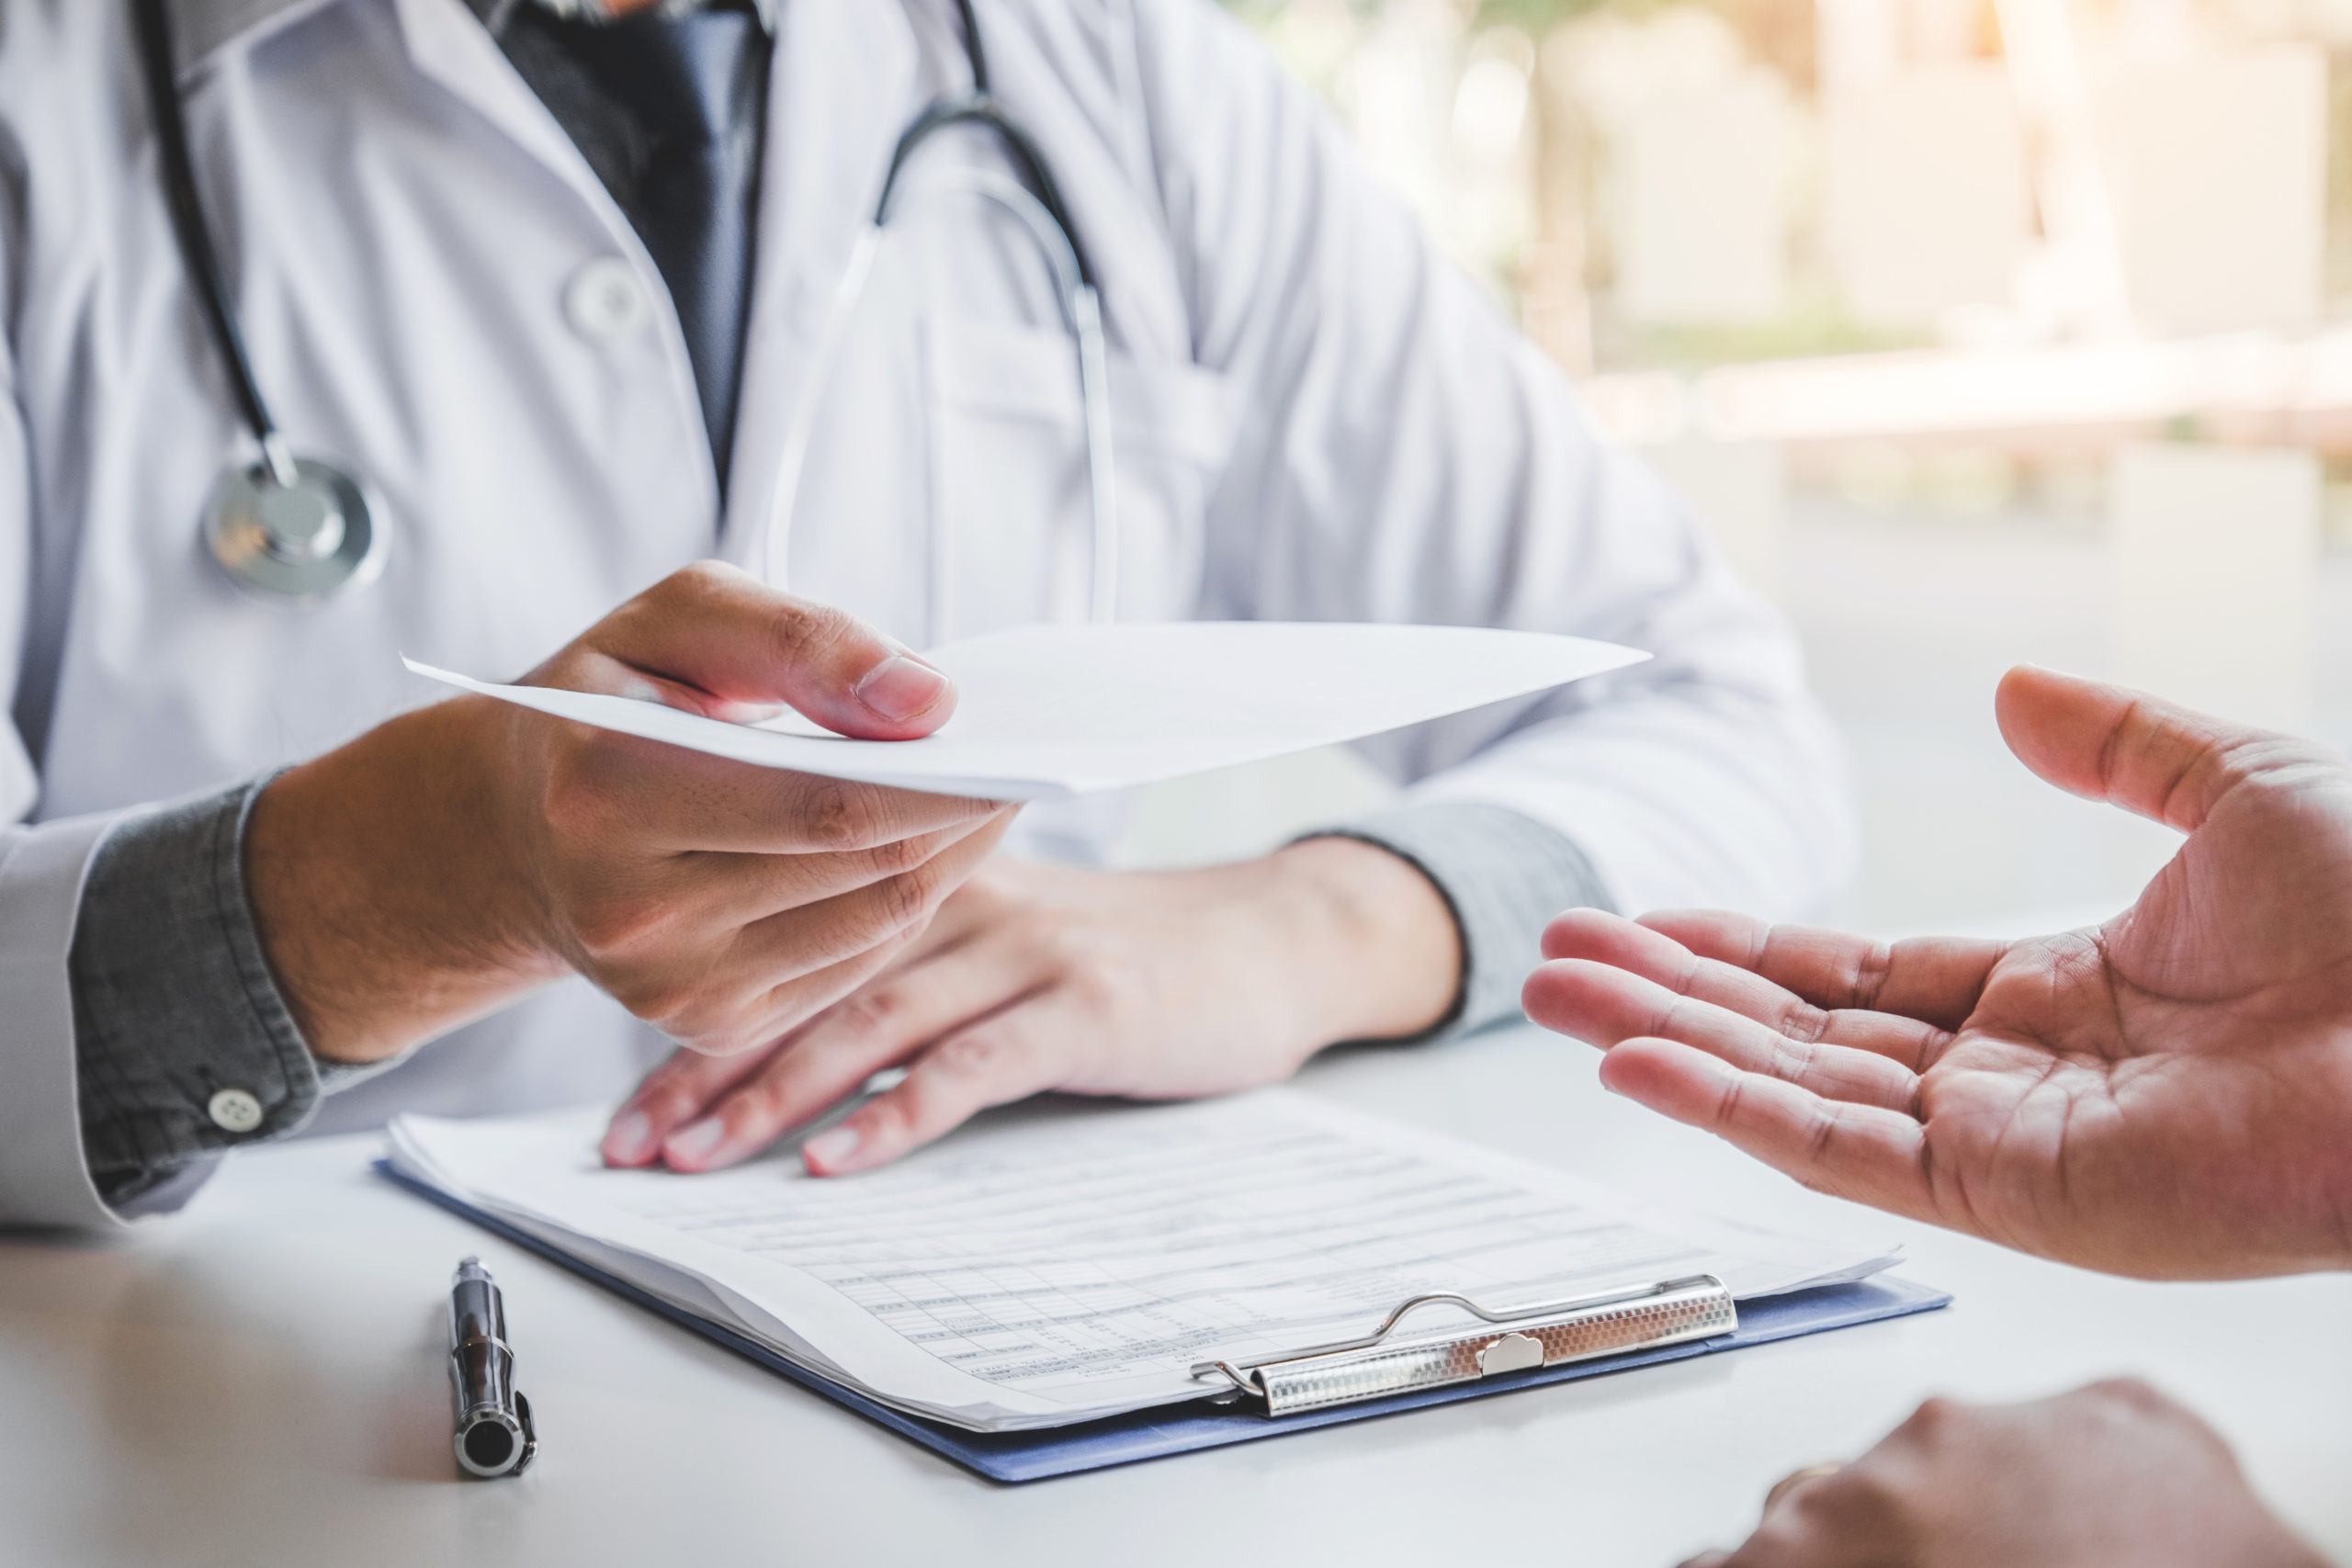 Quelle est la durée de validité d'une ordonnance médicale ?